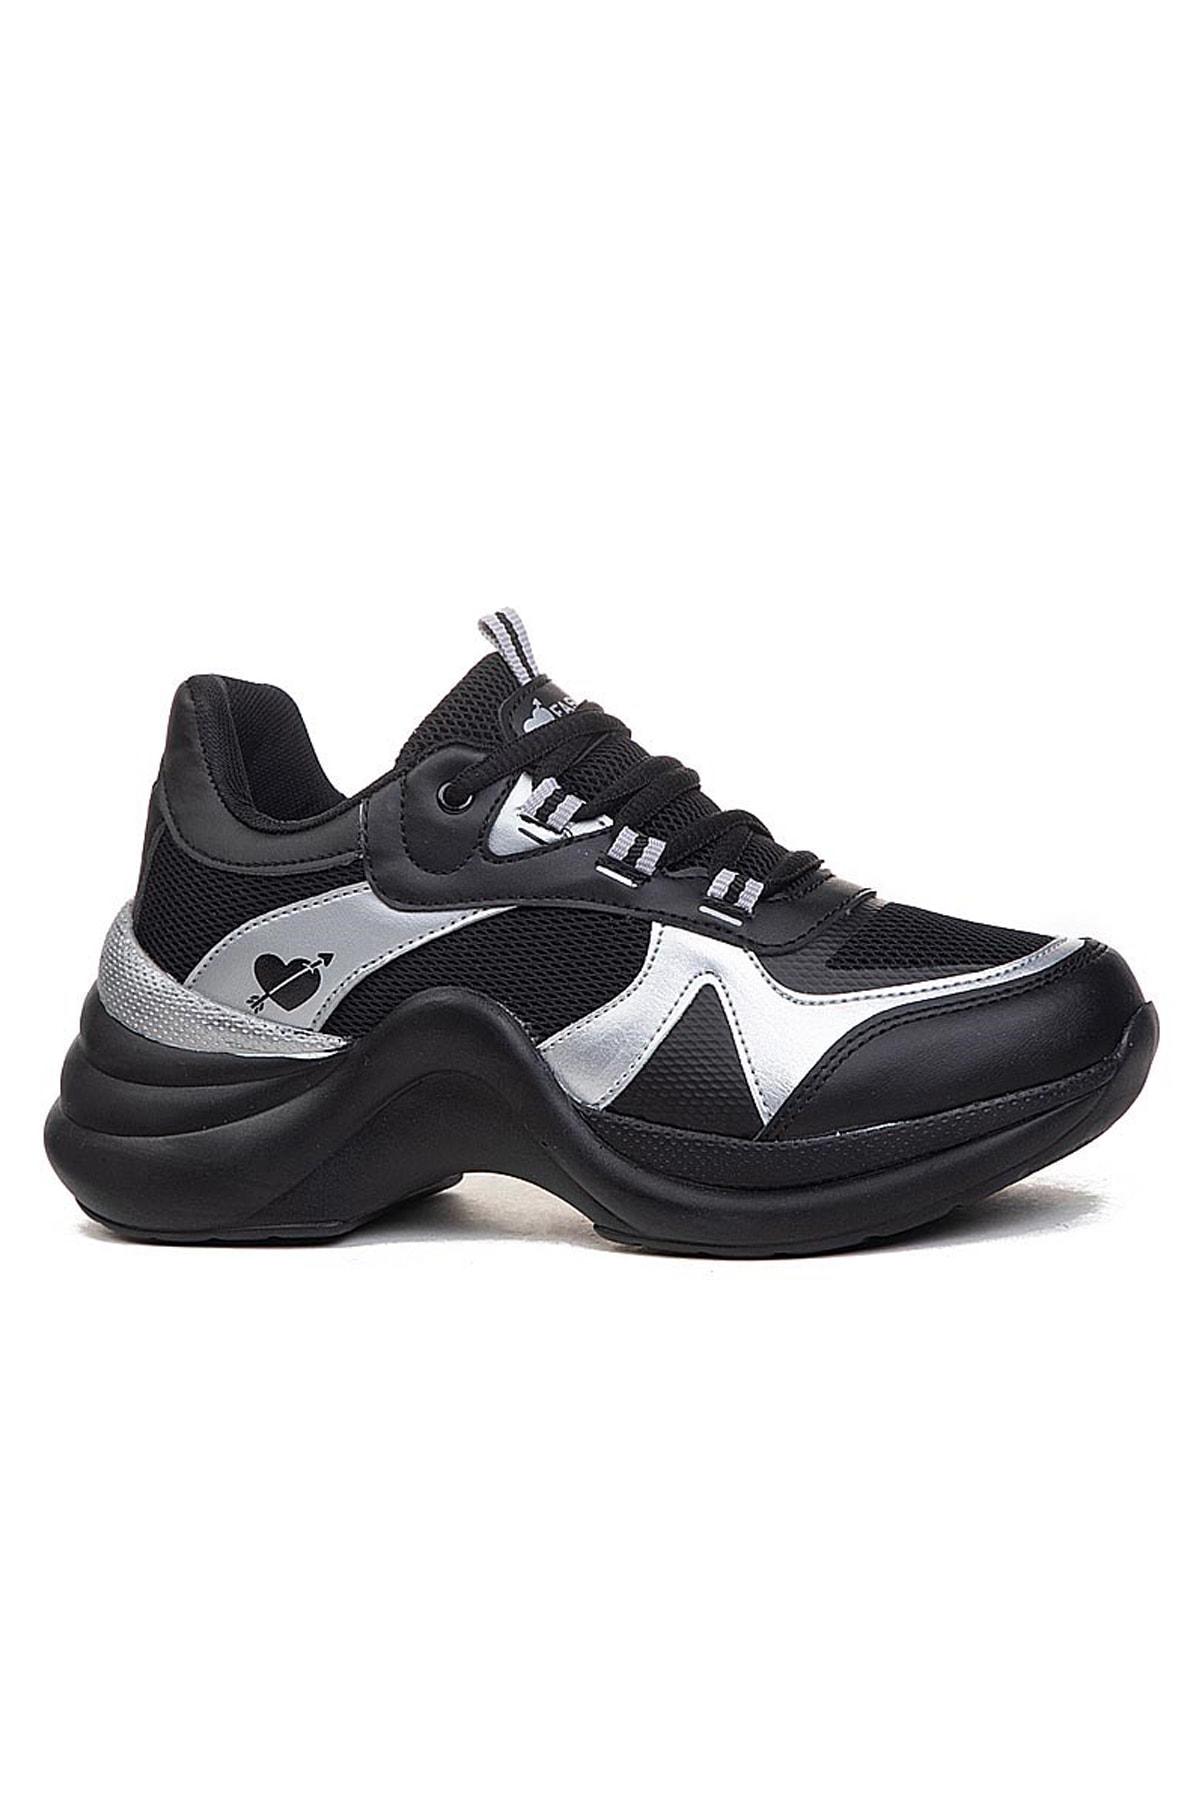 Twingo Kadın Bağcıklı Sneaker 2